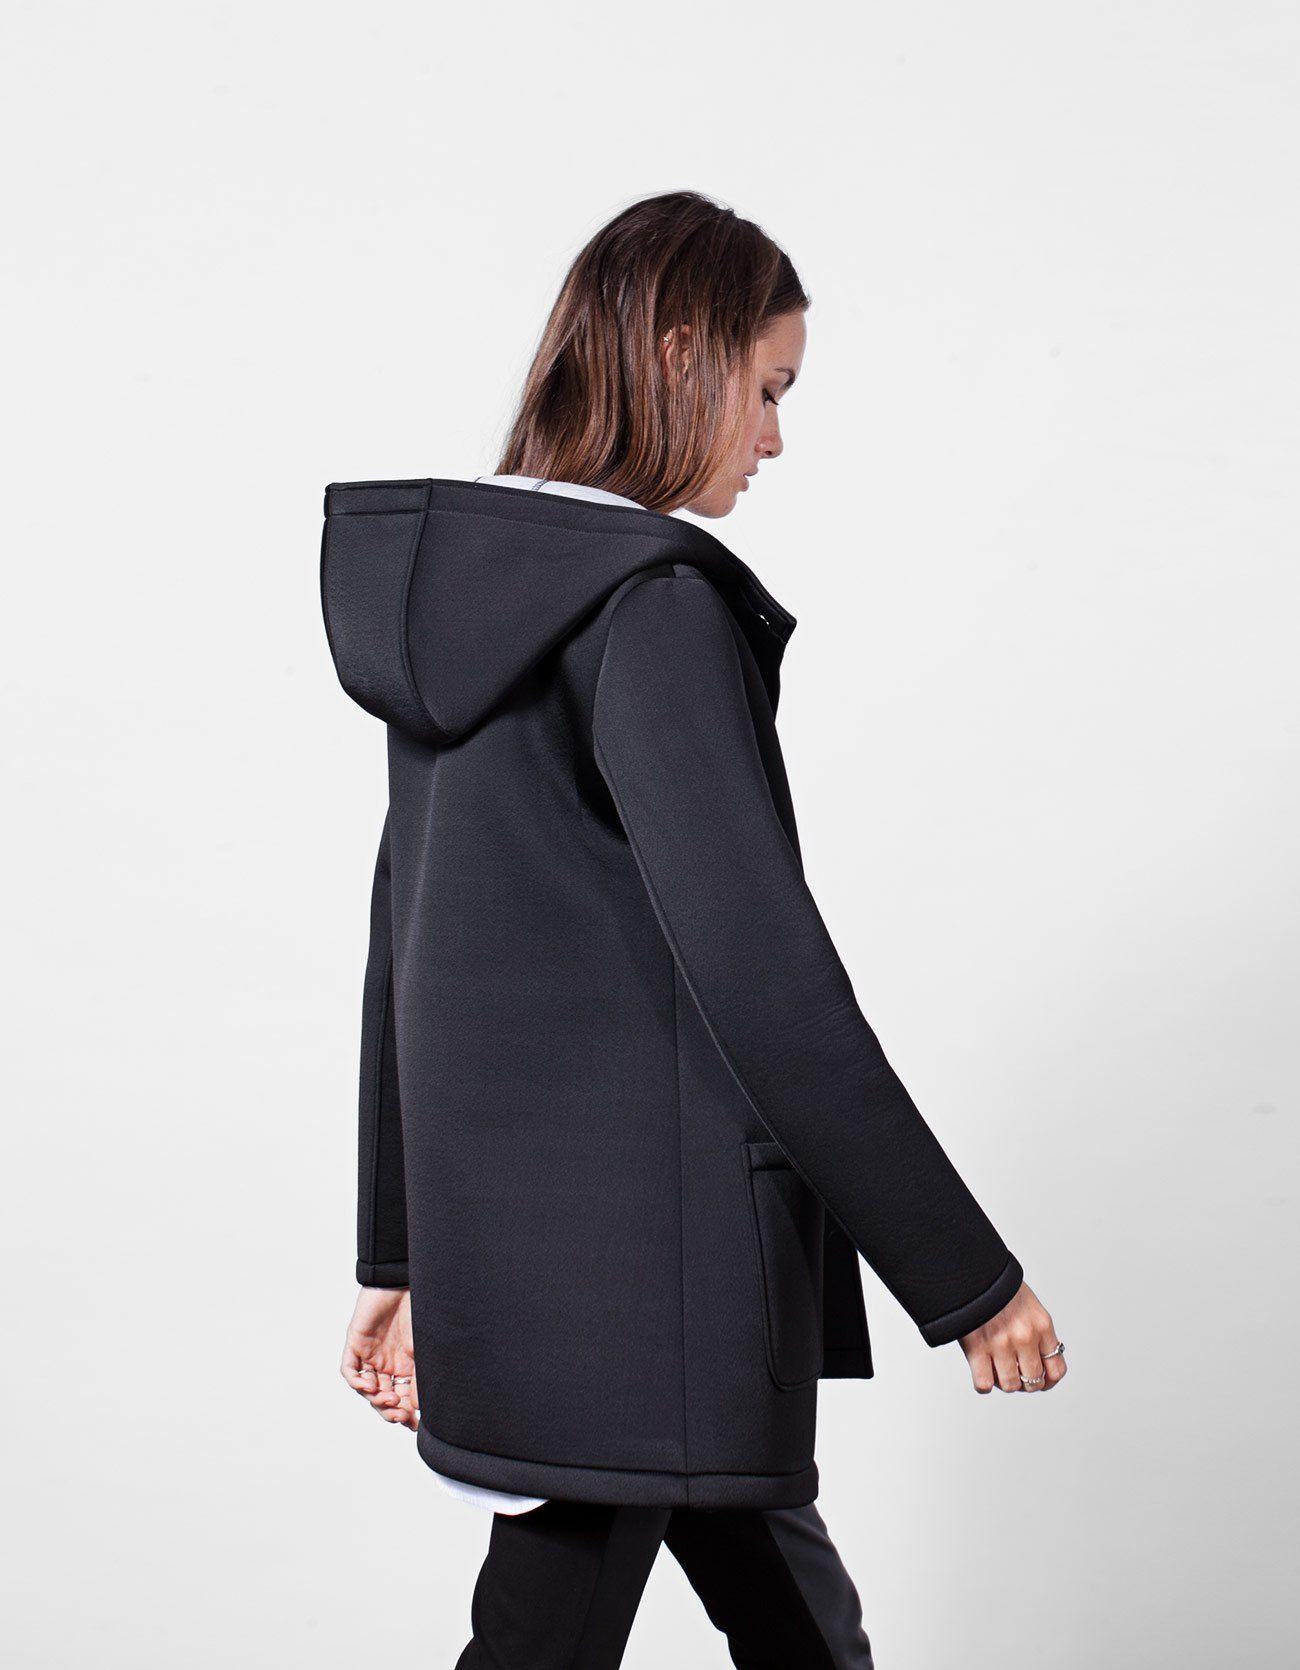 nueva apariencia última tecnología disfrute del envío de cortesía Abrigo neopreno - Stradivarius | Winter clothes en 2019 ...